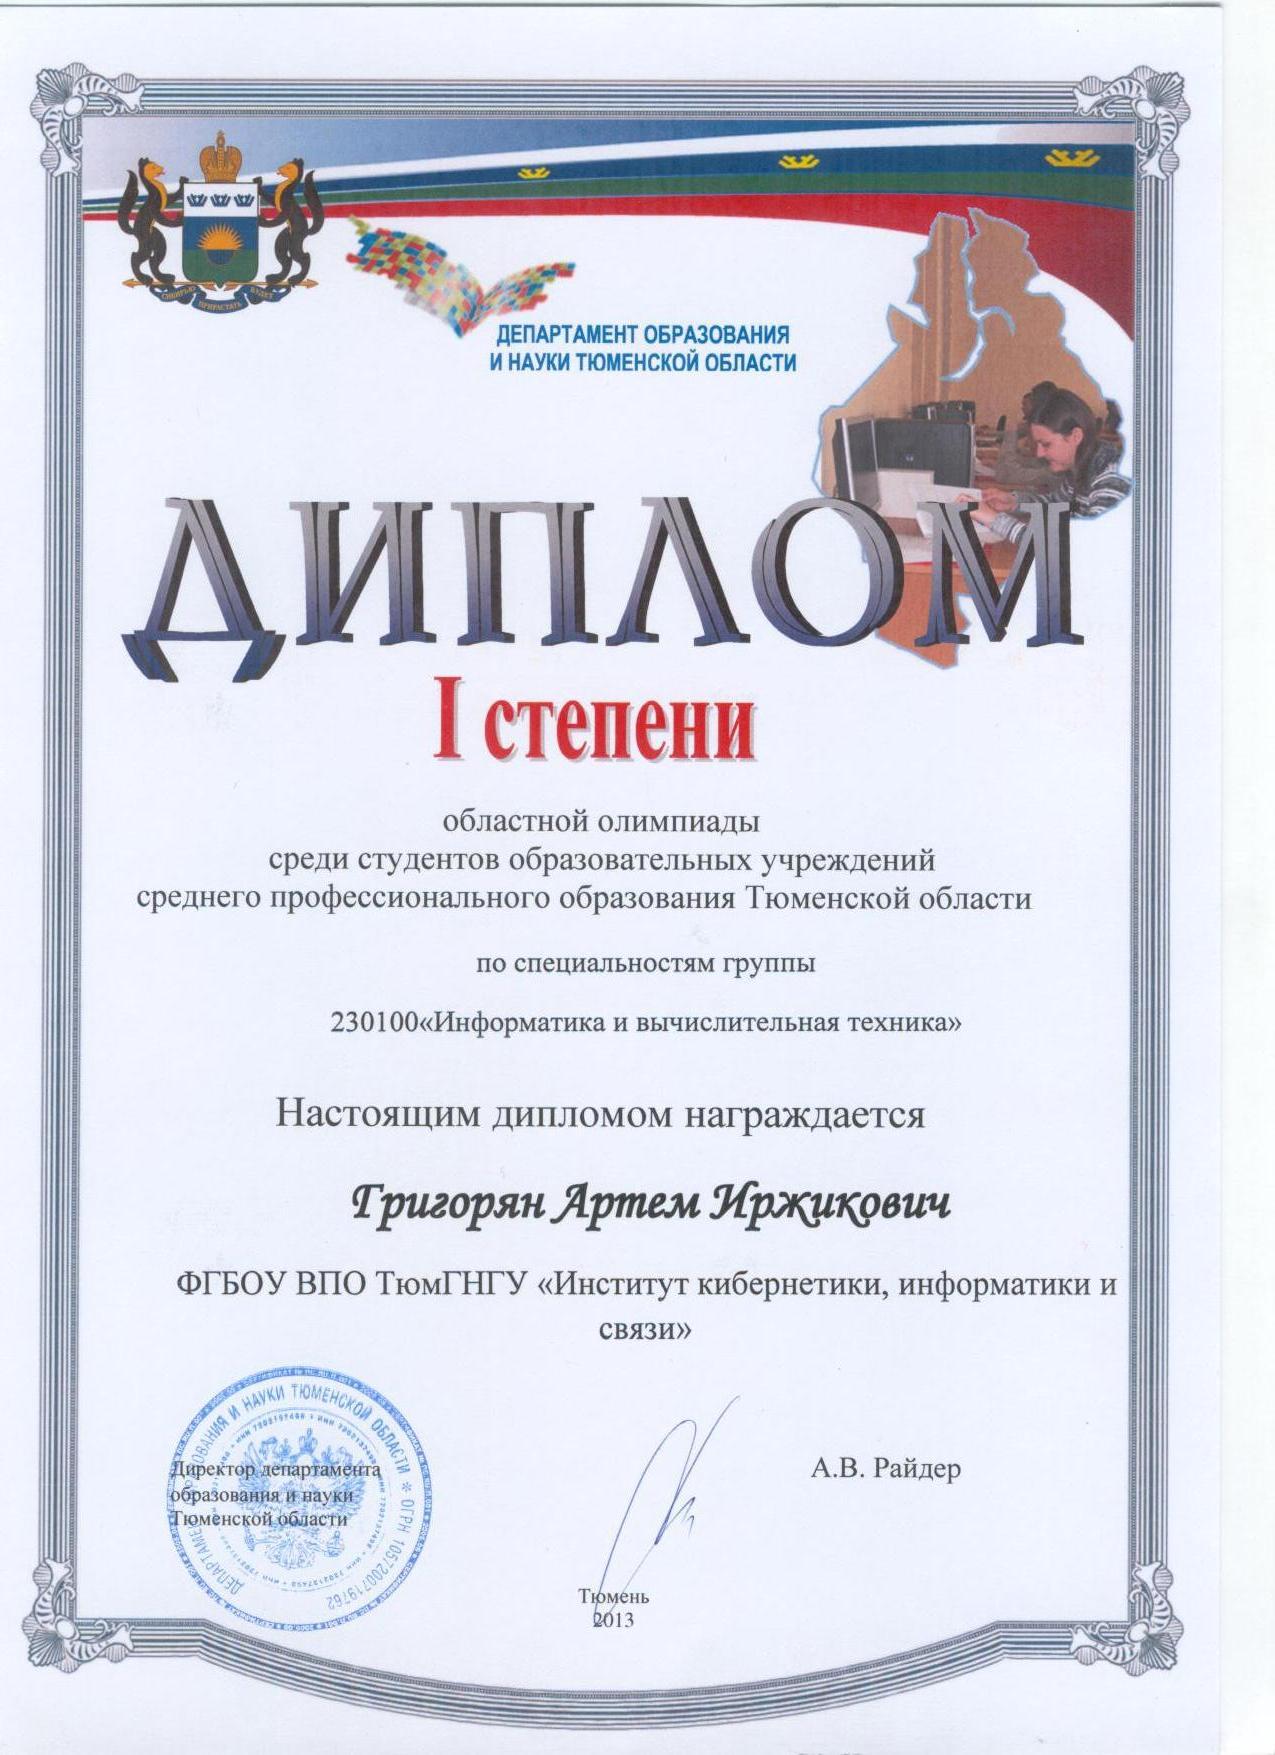 Тюмень Студенты ИКИС победители областной олимпиады  230100 диплом 1 степени ТюмГНГУ